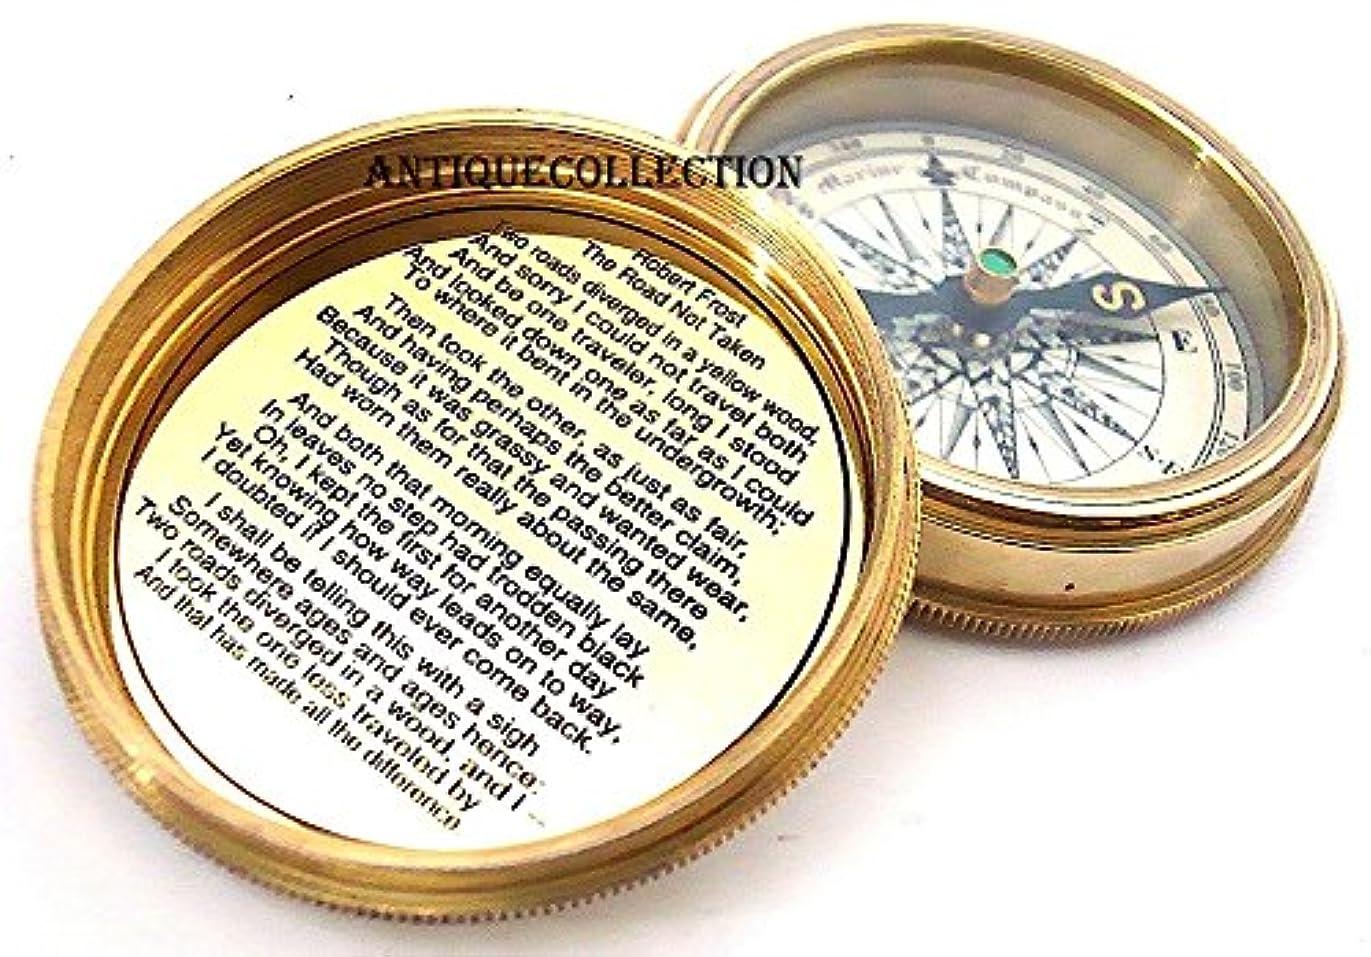 アミューズ補助堂々たるantiquecollection真鍮ポケットコンパス&レザーケースwithロバート?フロスト詩 – ポケットコンパス